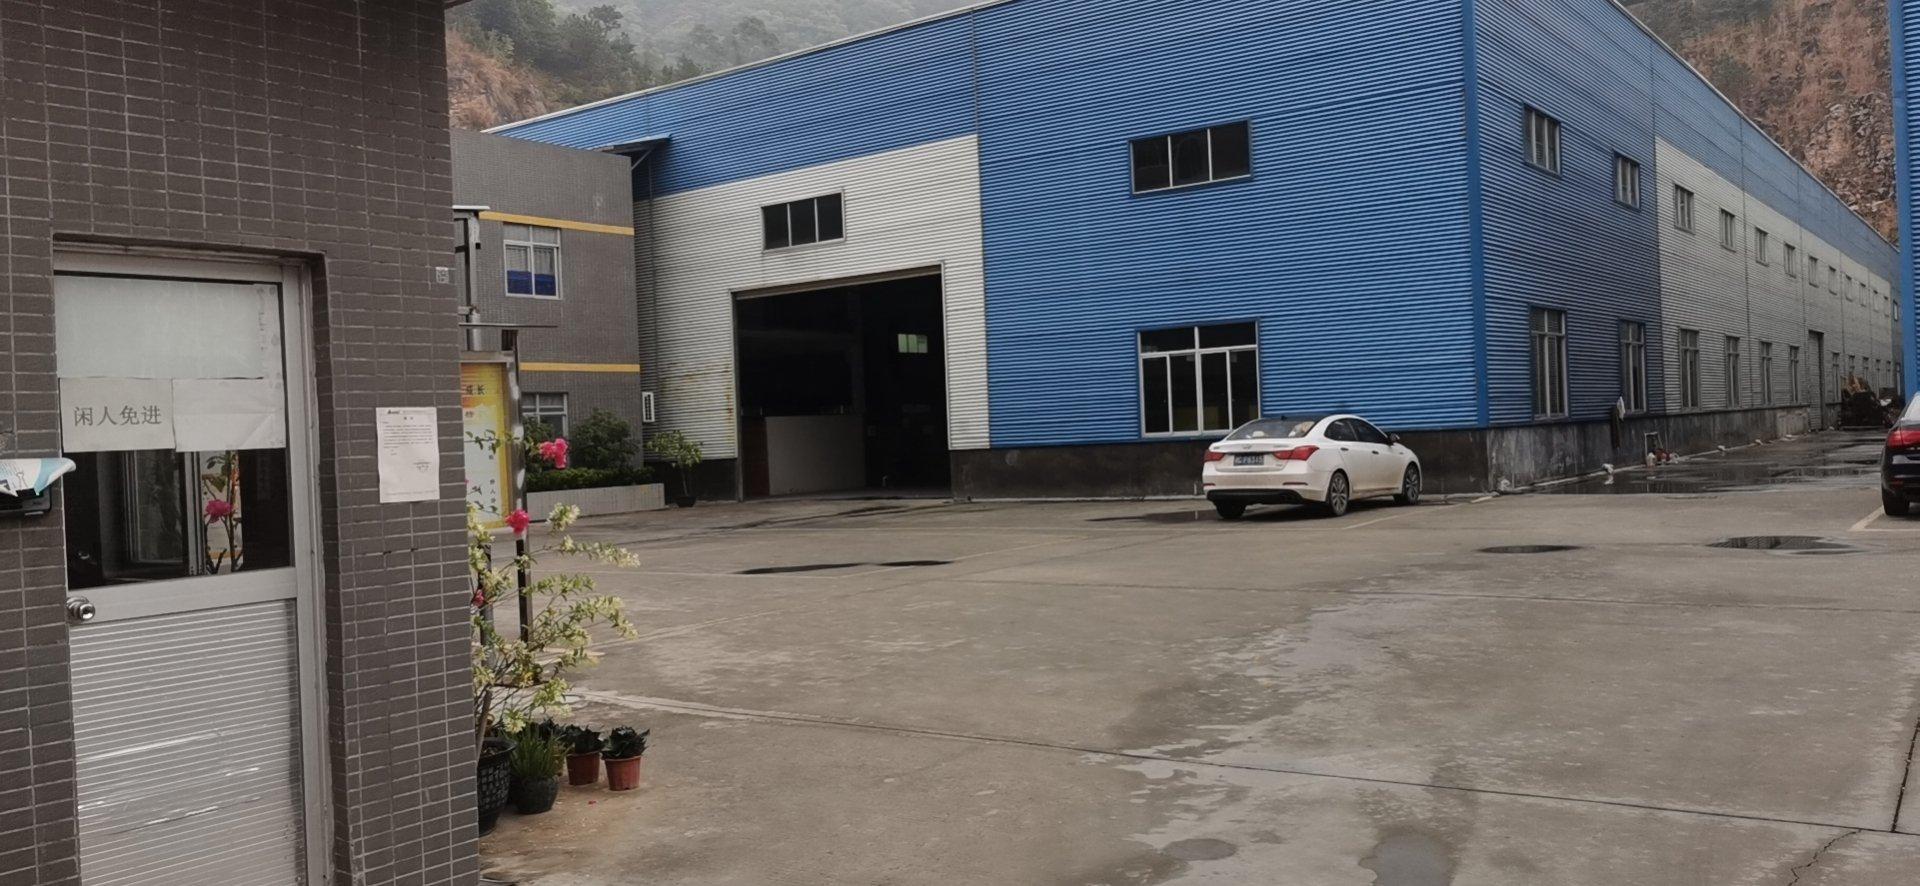 两栋单一层滴水10米钢构厂房。